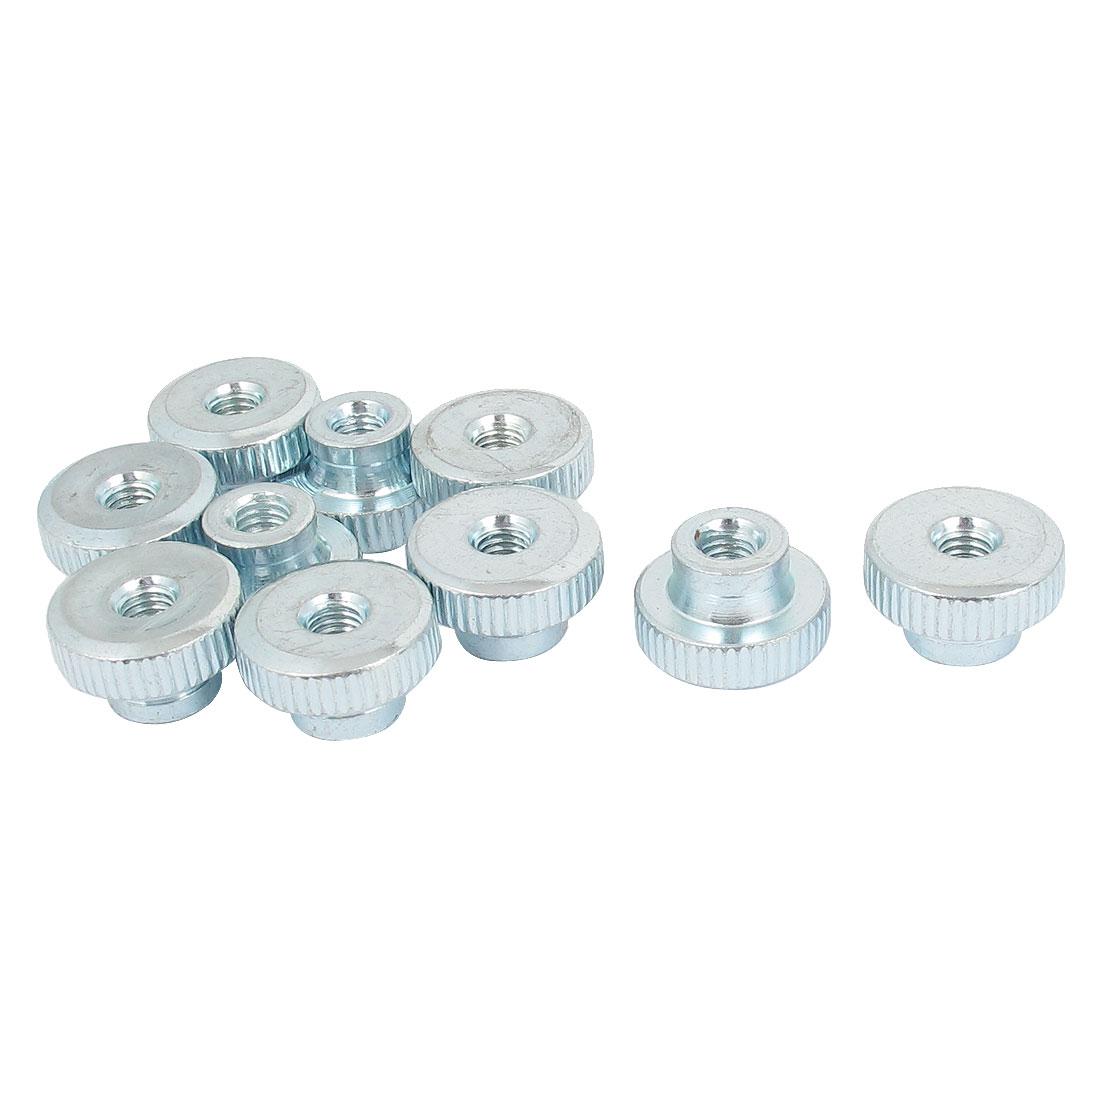 Metal Knurled Head Thumb Nut Fastener Silver Tone M6 10 Pcs